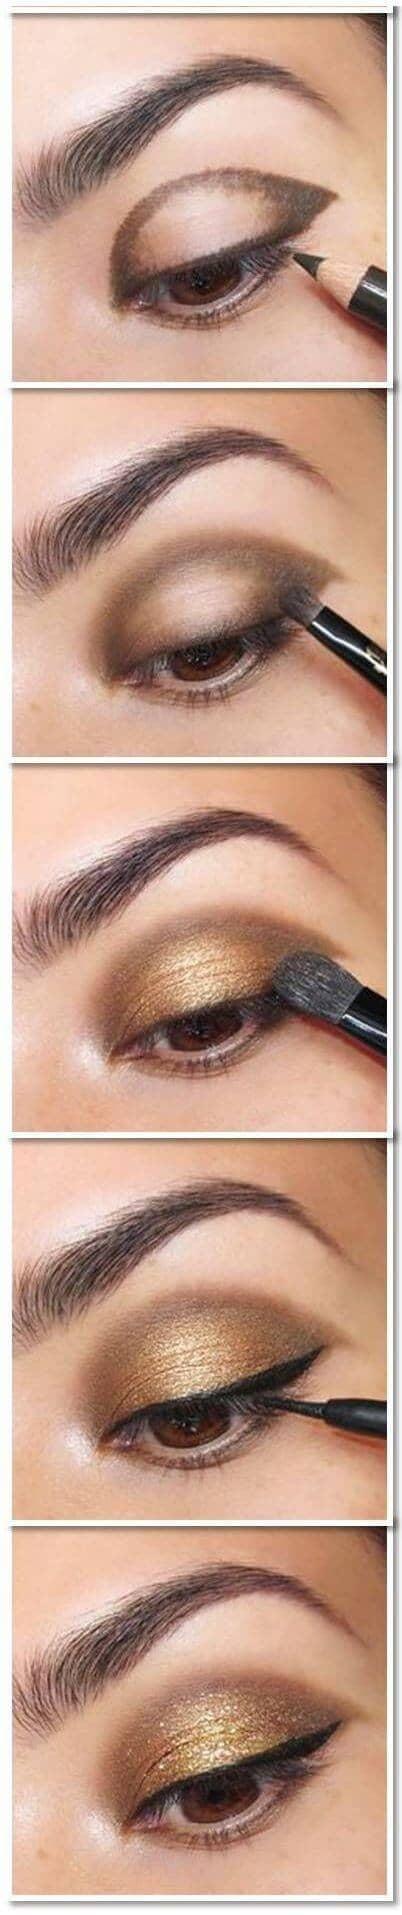 как сделать Золотой макияж глаз пошагово